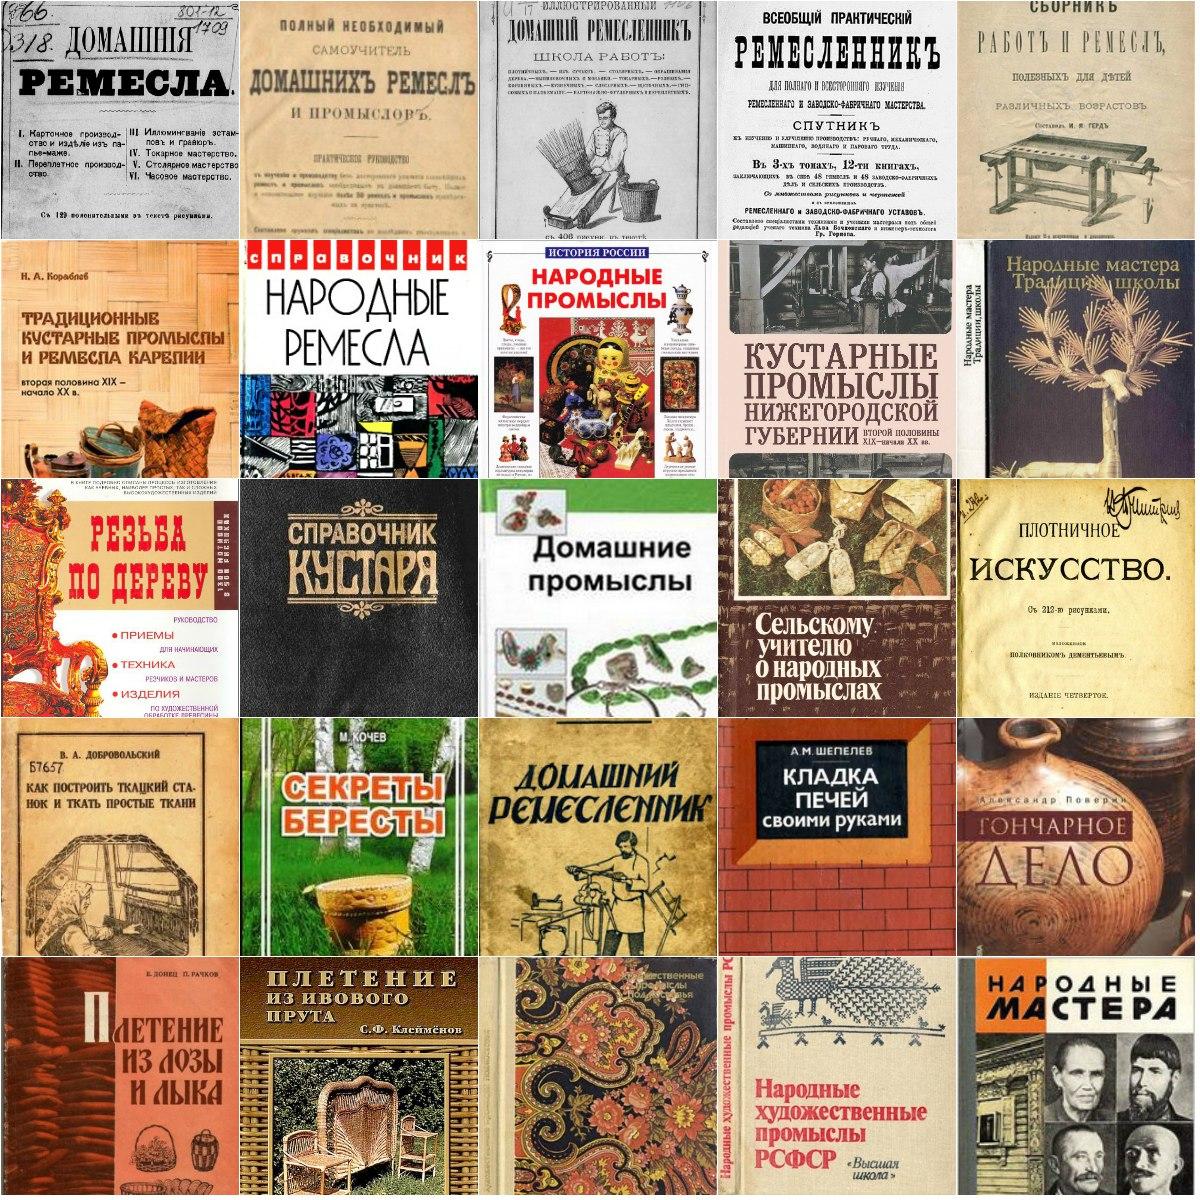 - СветВМир.ру - Интересный познавательный журнал. Развитие познания - Книги о народных ремёслах и промыслах, 26 книг